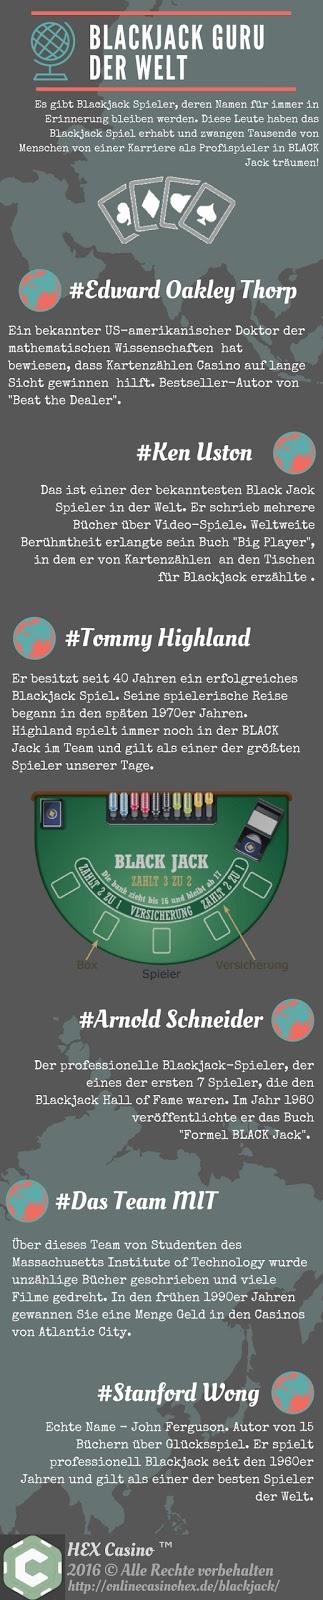 Blackjack Spiel Helden